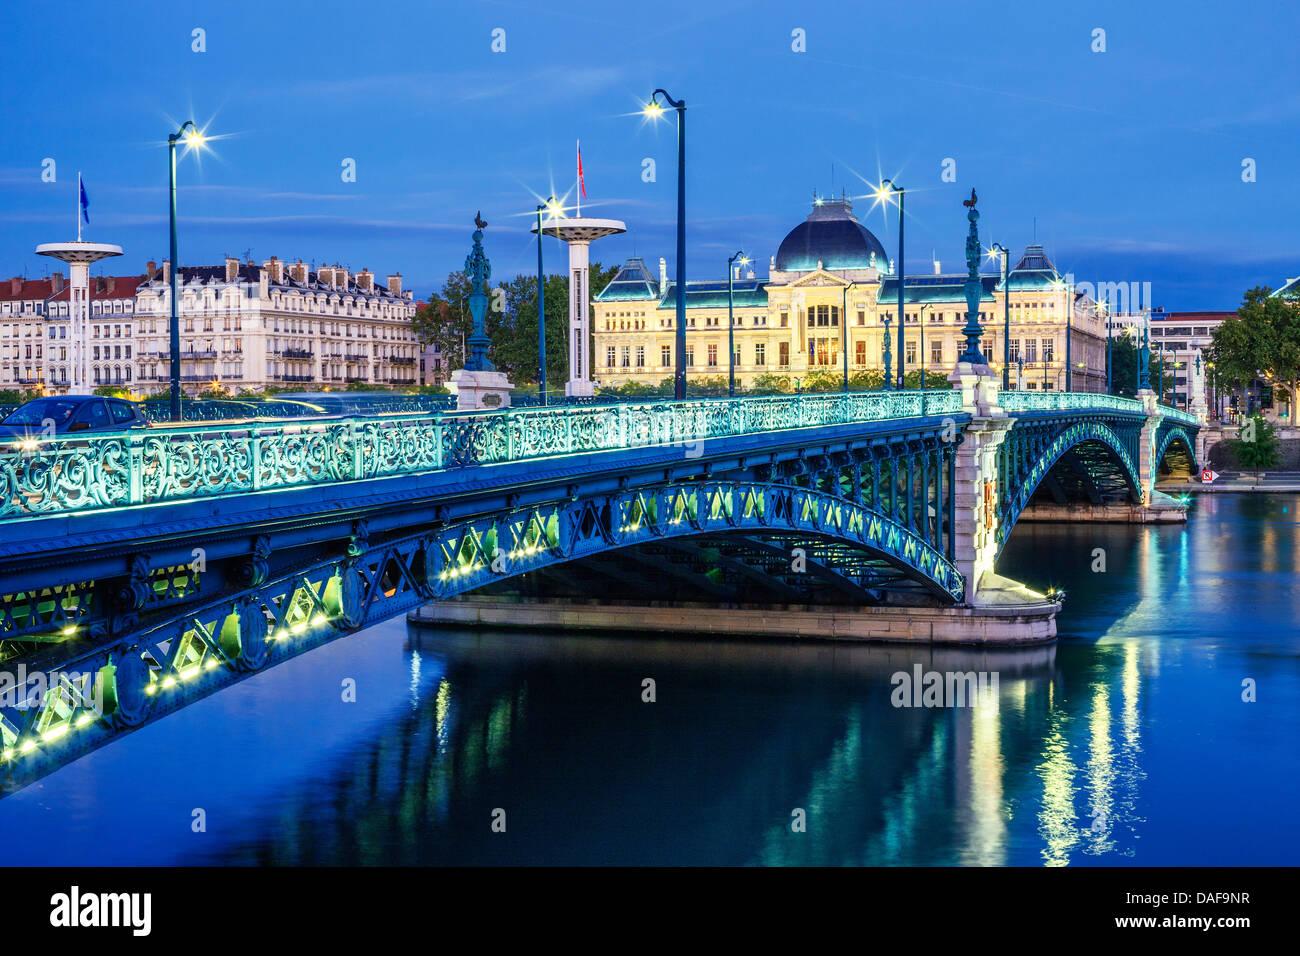 Blick auf Brücke und Universität in Lyon bei Nacht Stockbild